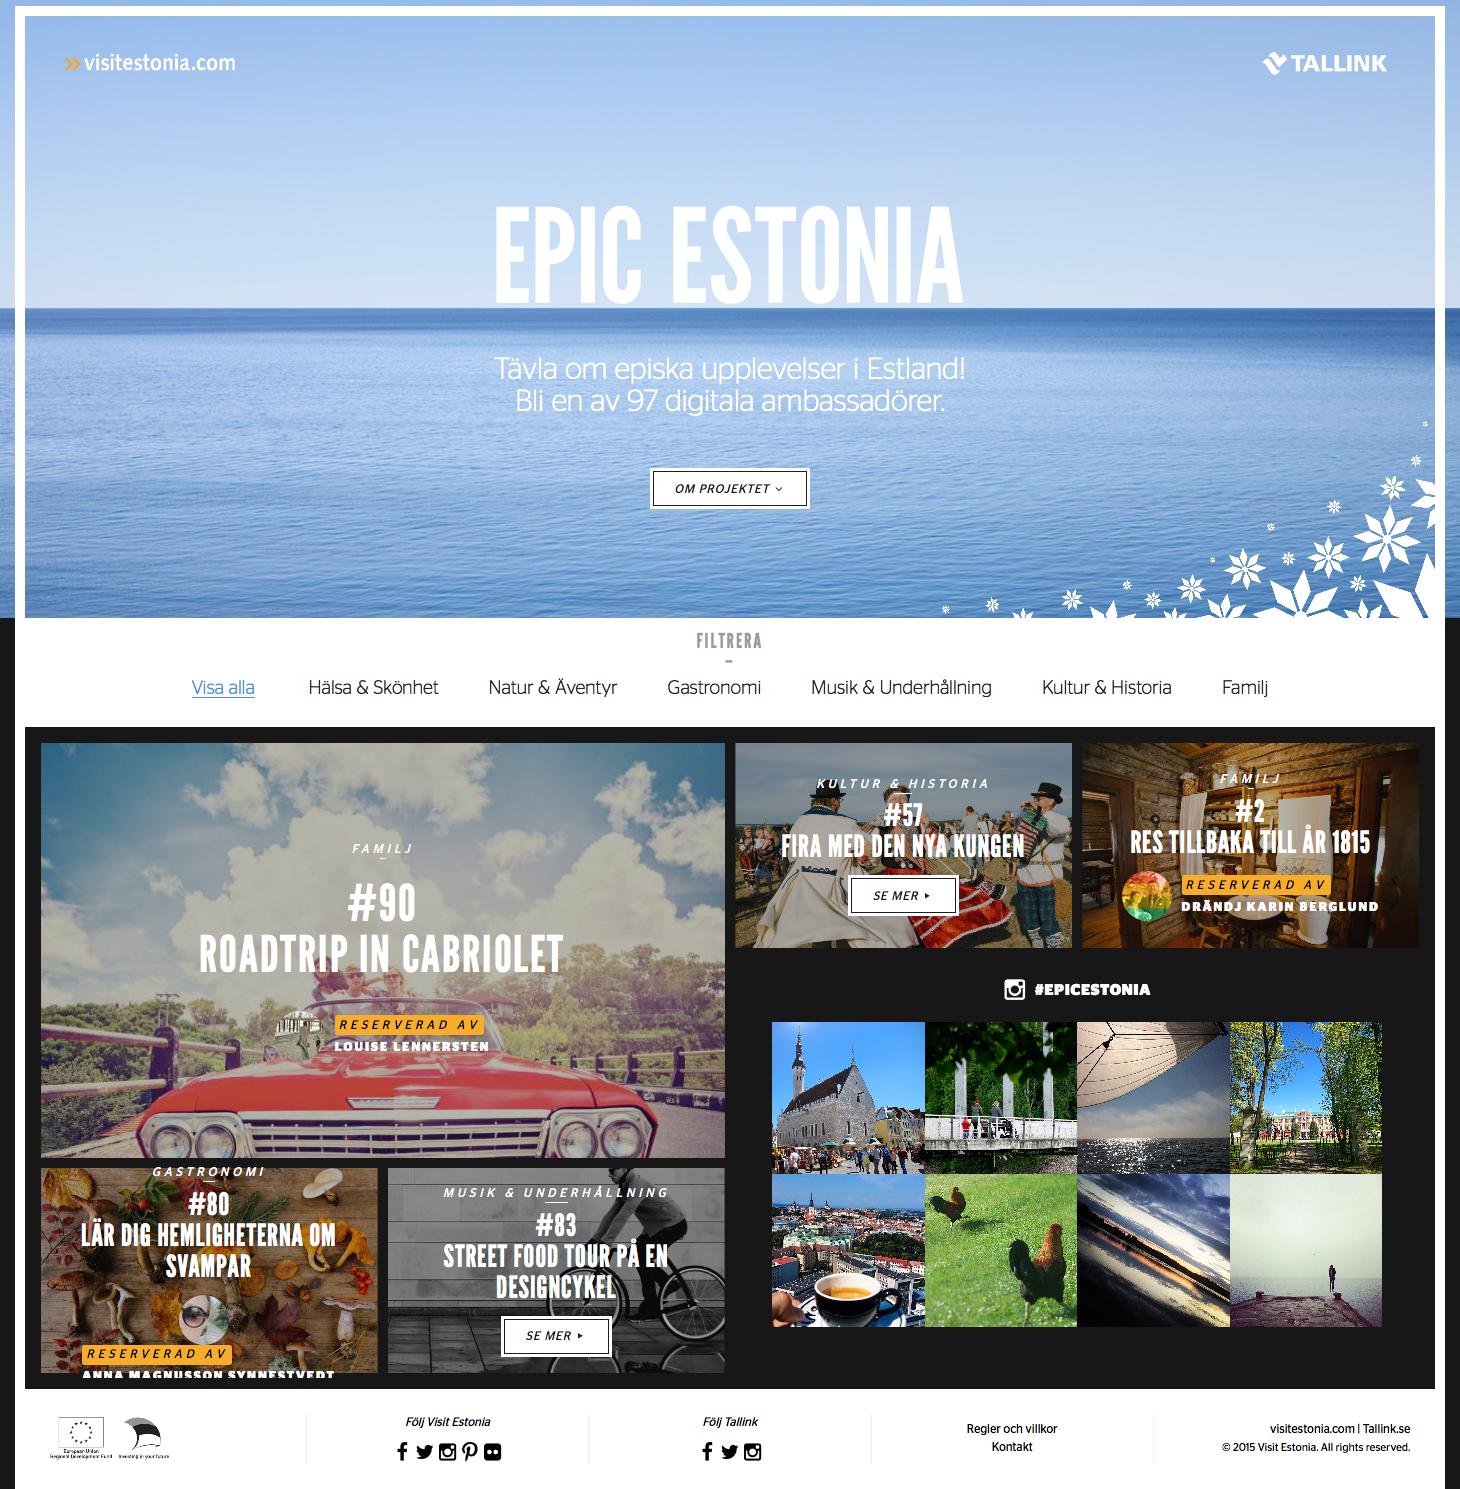 Epic Estonia